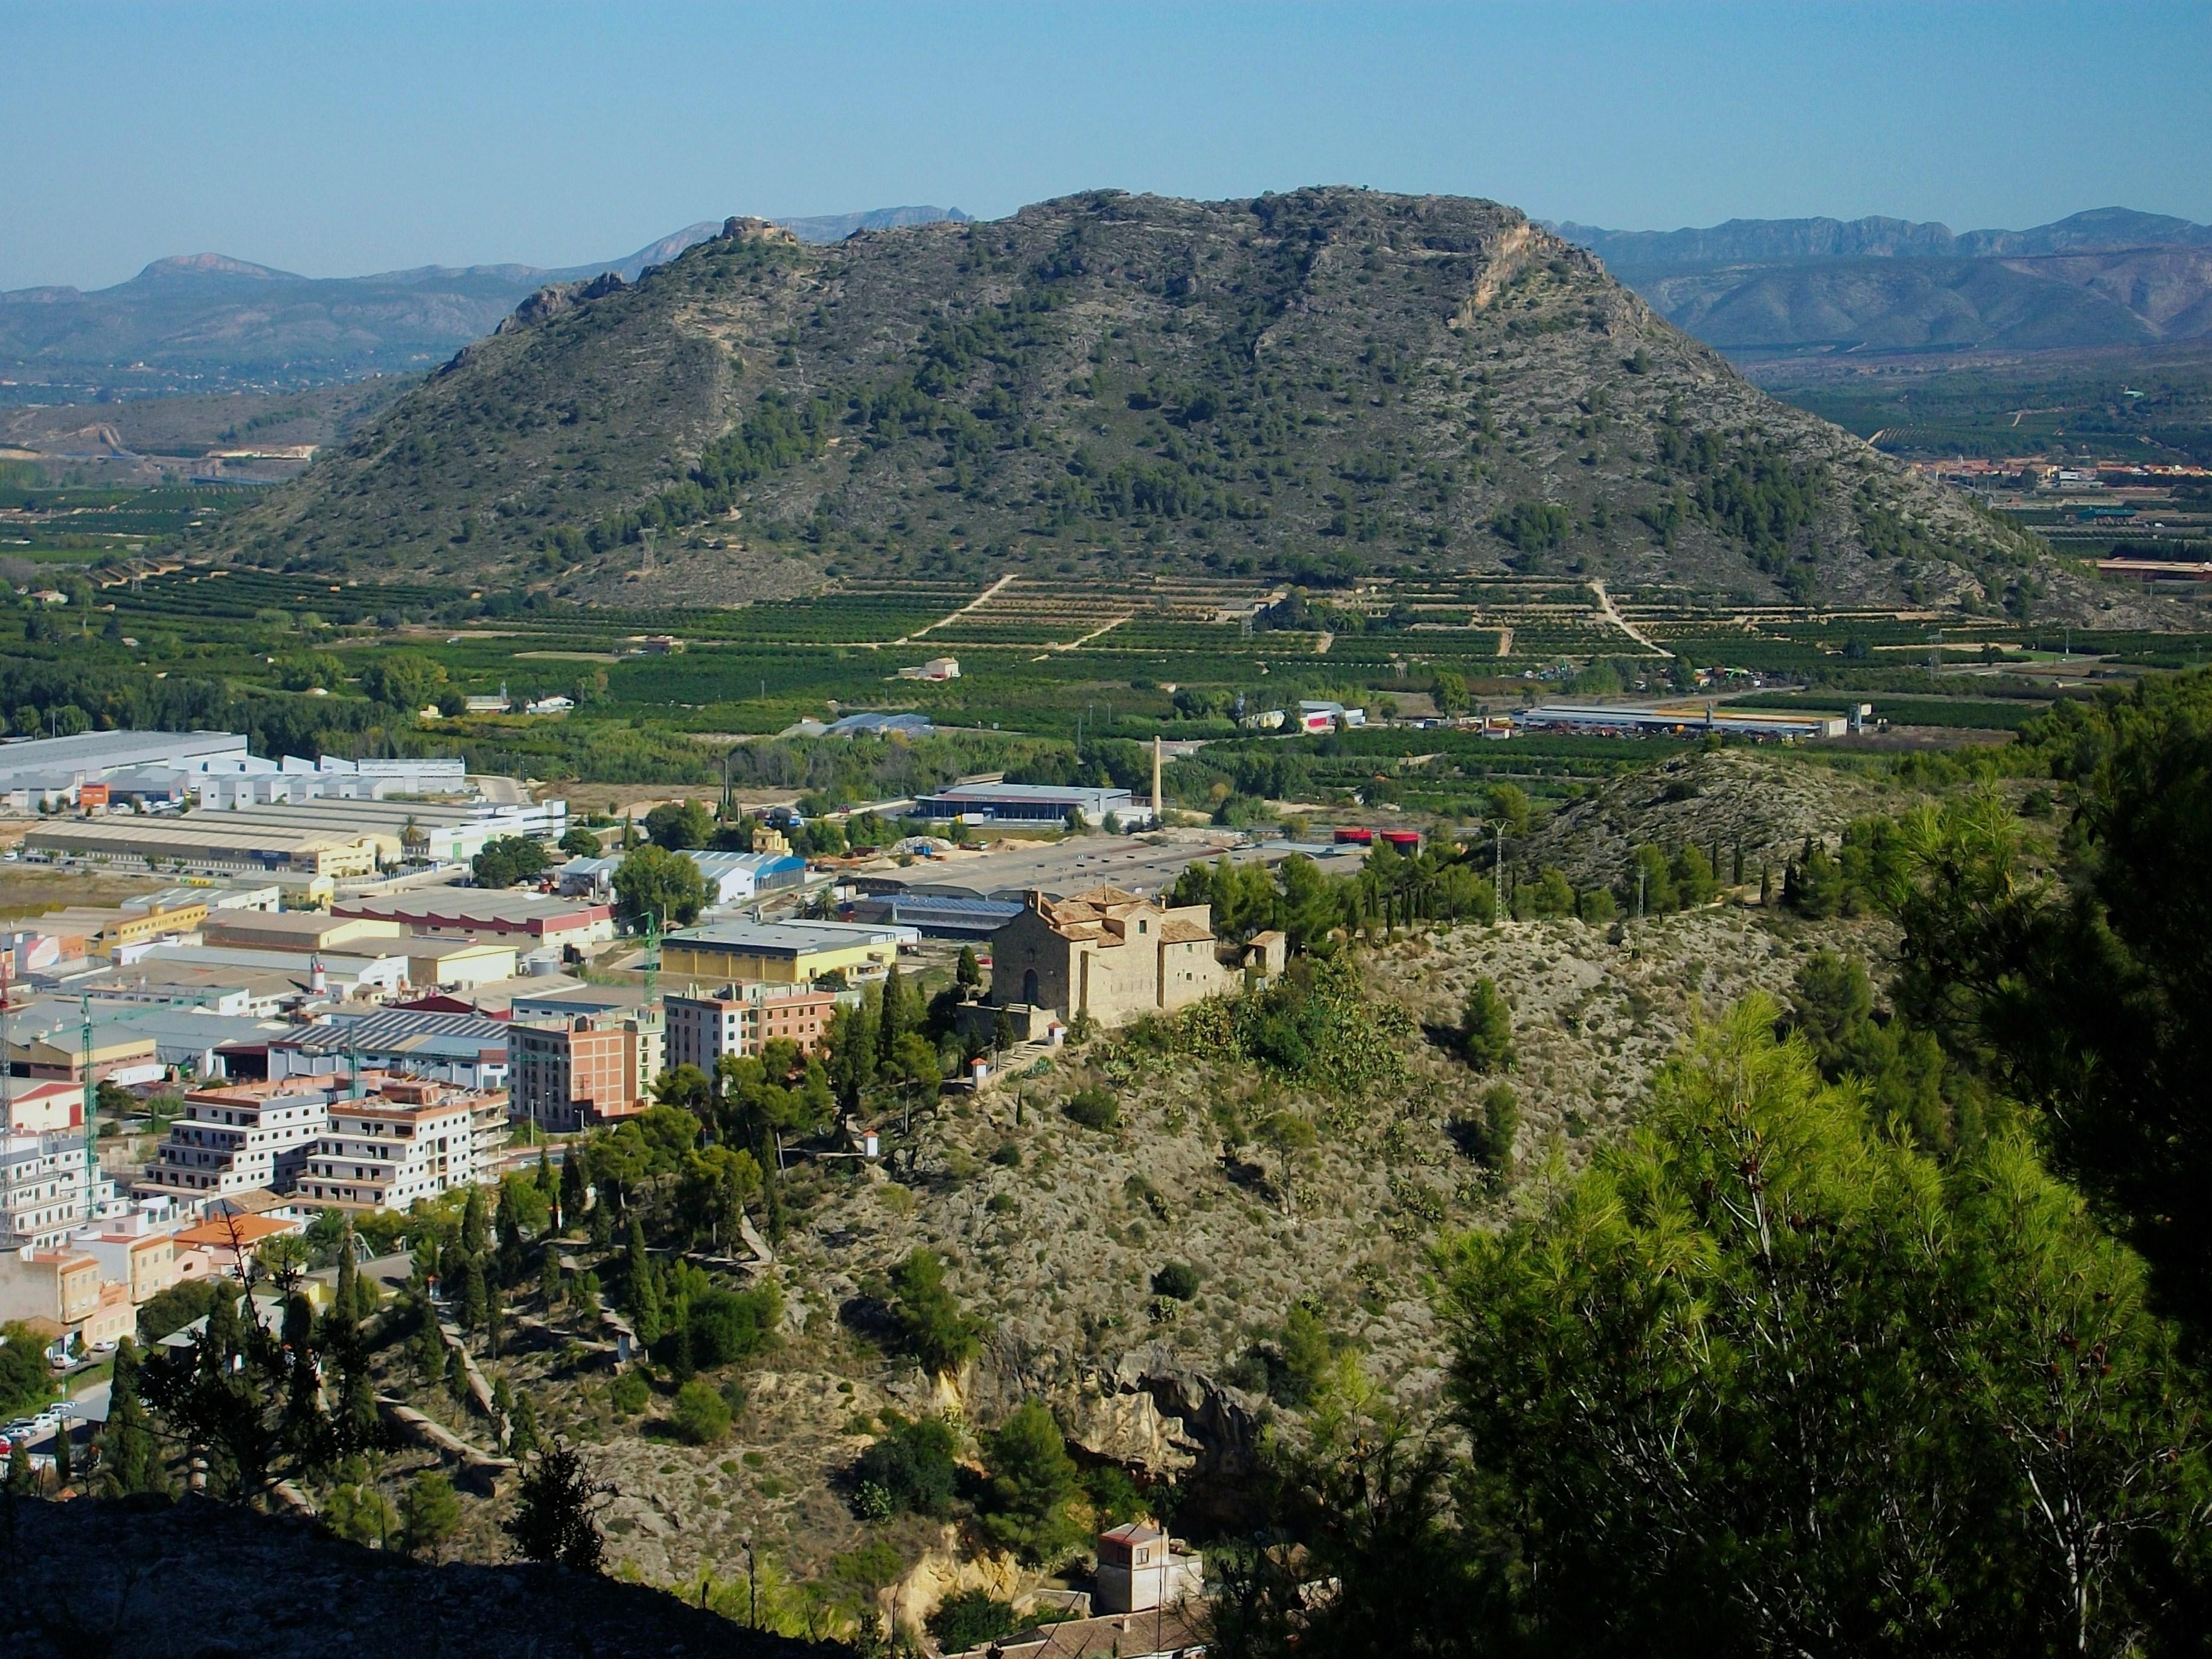 File:Calvari alt i el Puig, Xàtiva.JPG